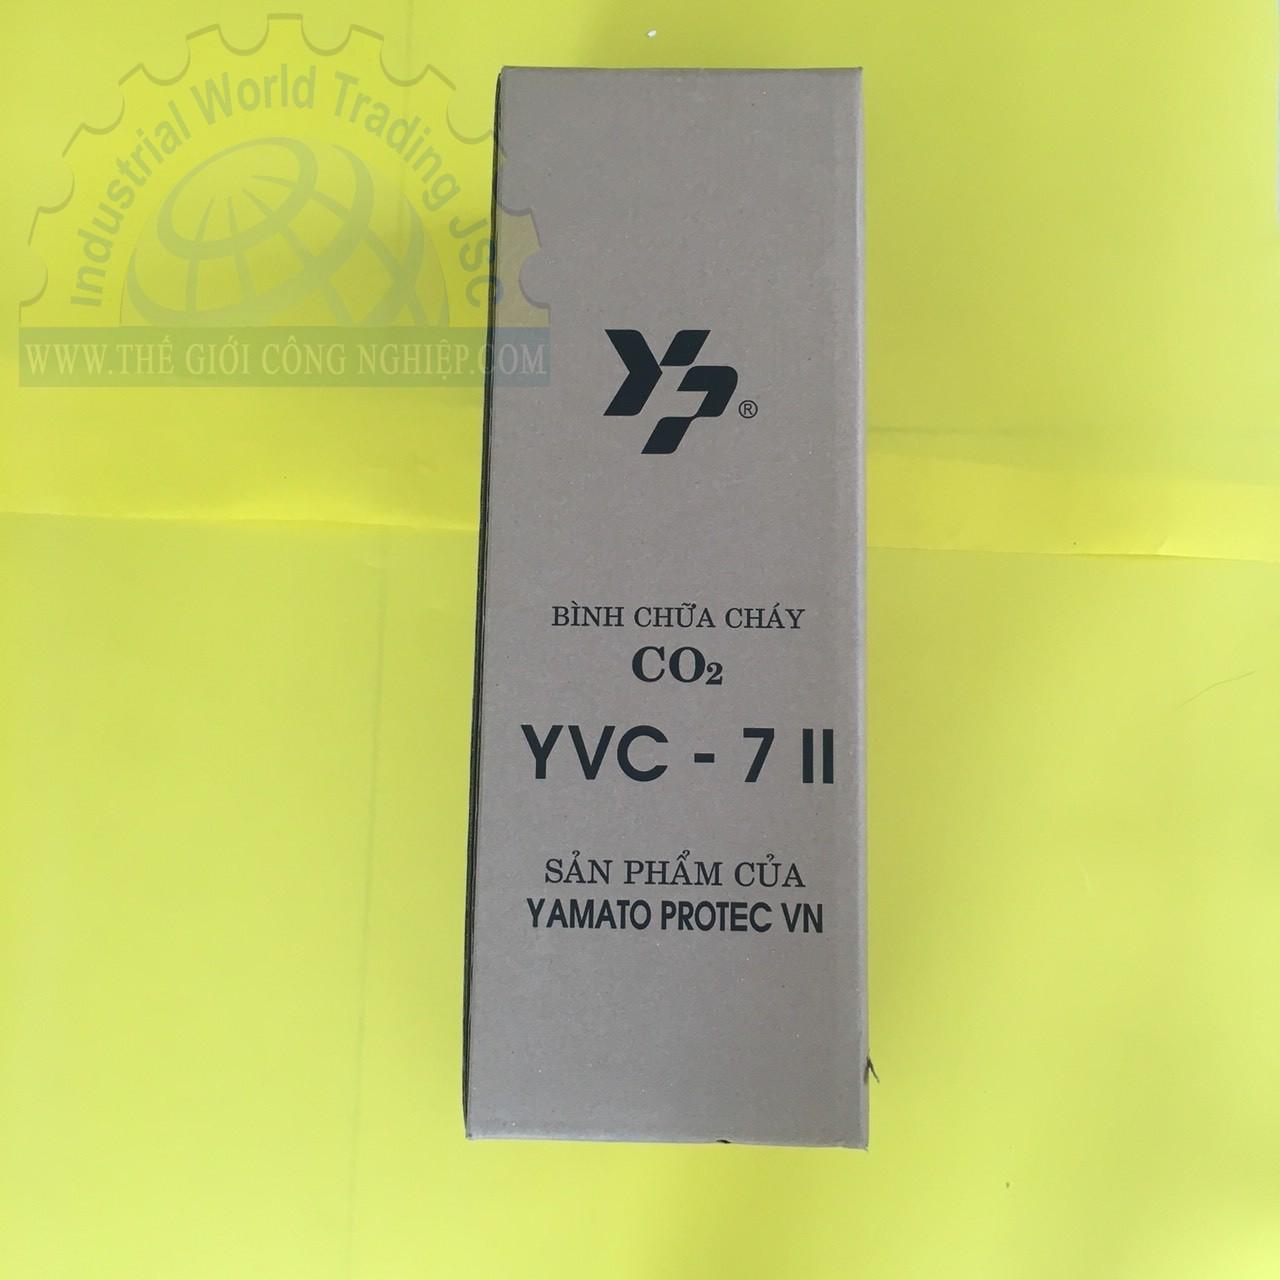 Bình chữa cháy Khí CO2 3.2 kg  YVC-7 Yamato